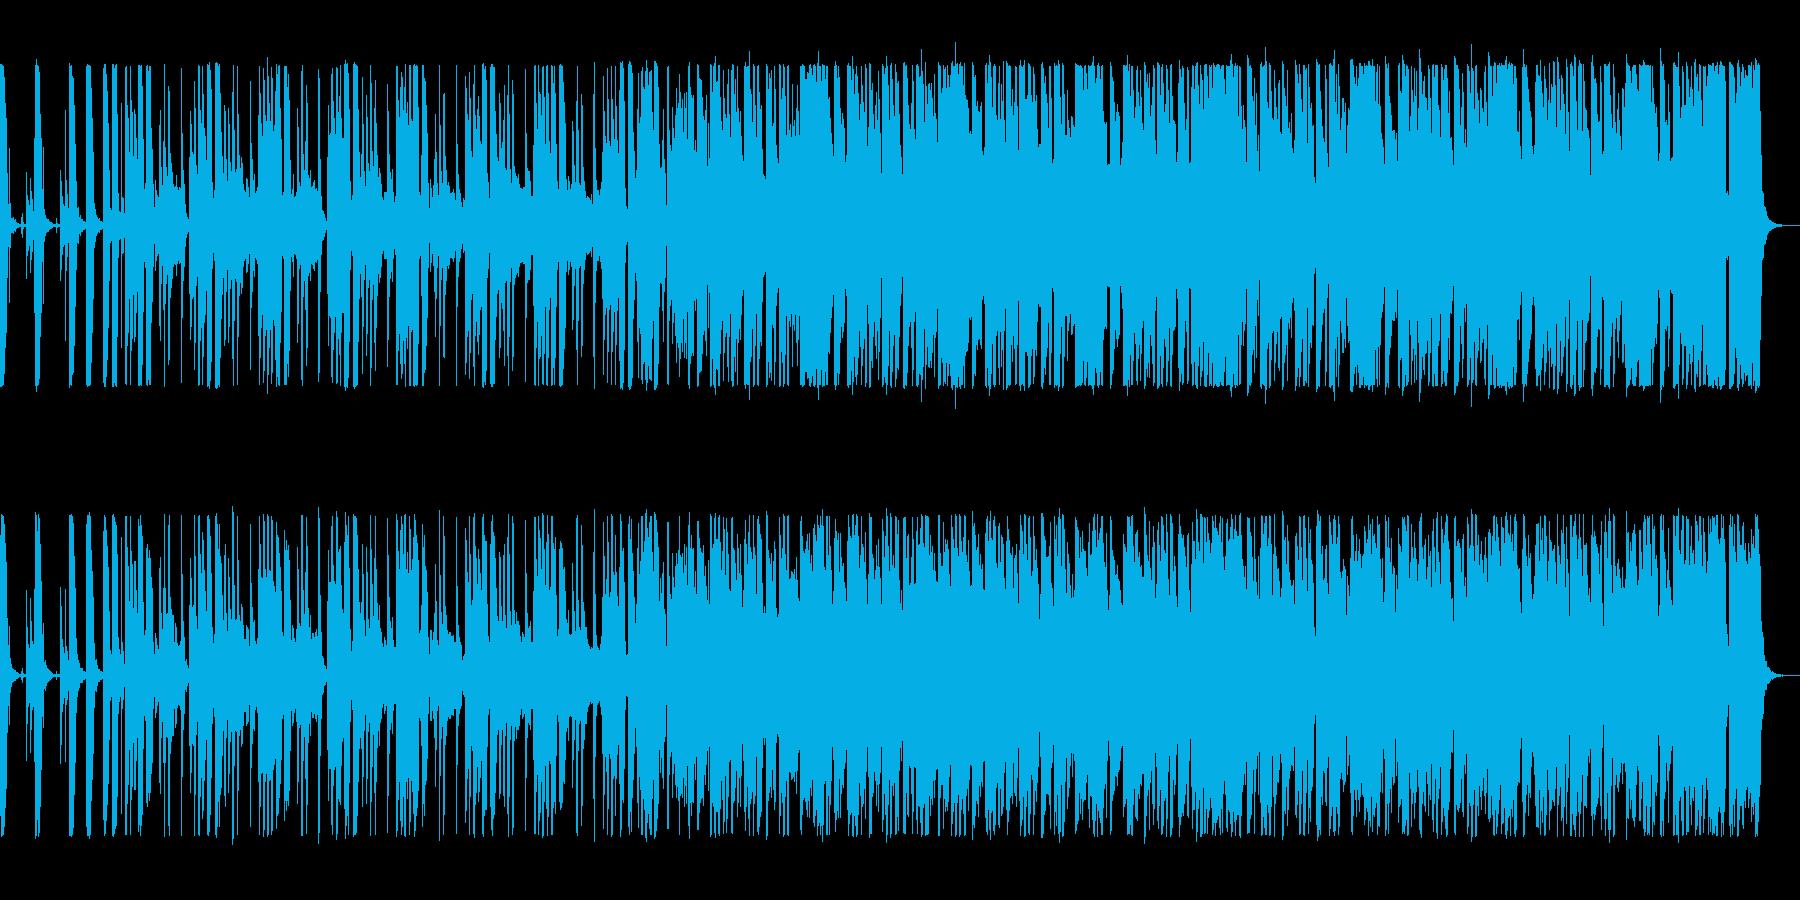 軽快なブラスジャズサウンドの再生済みの波形